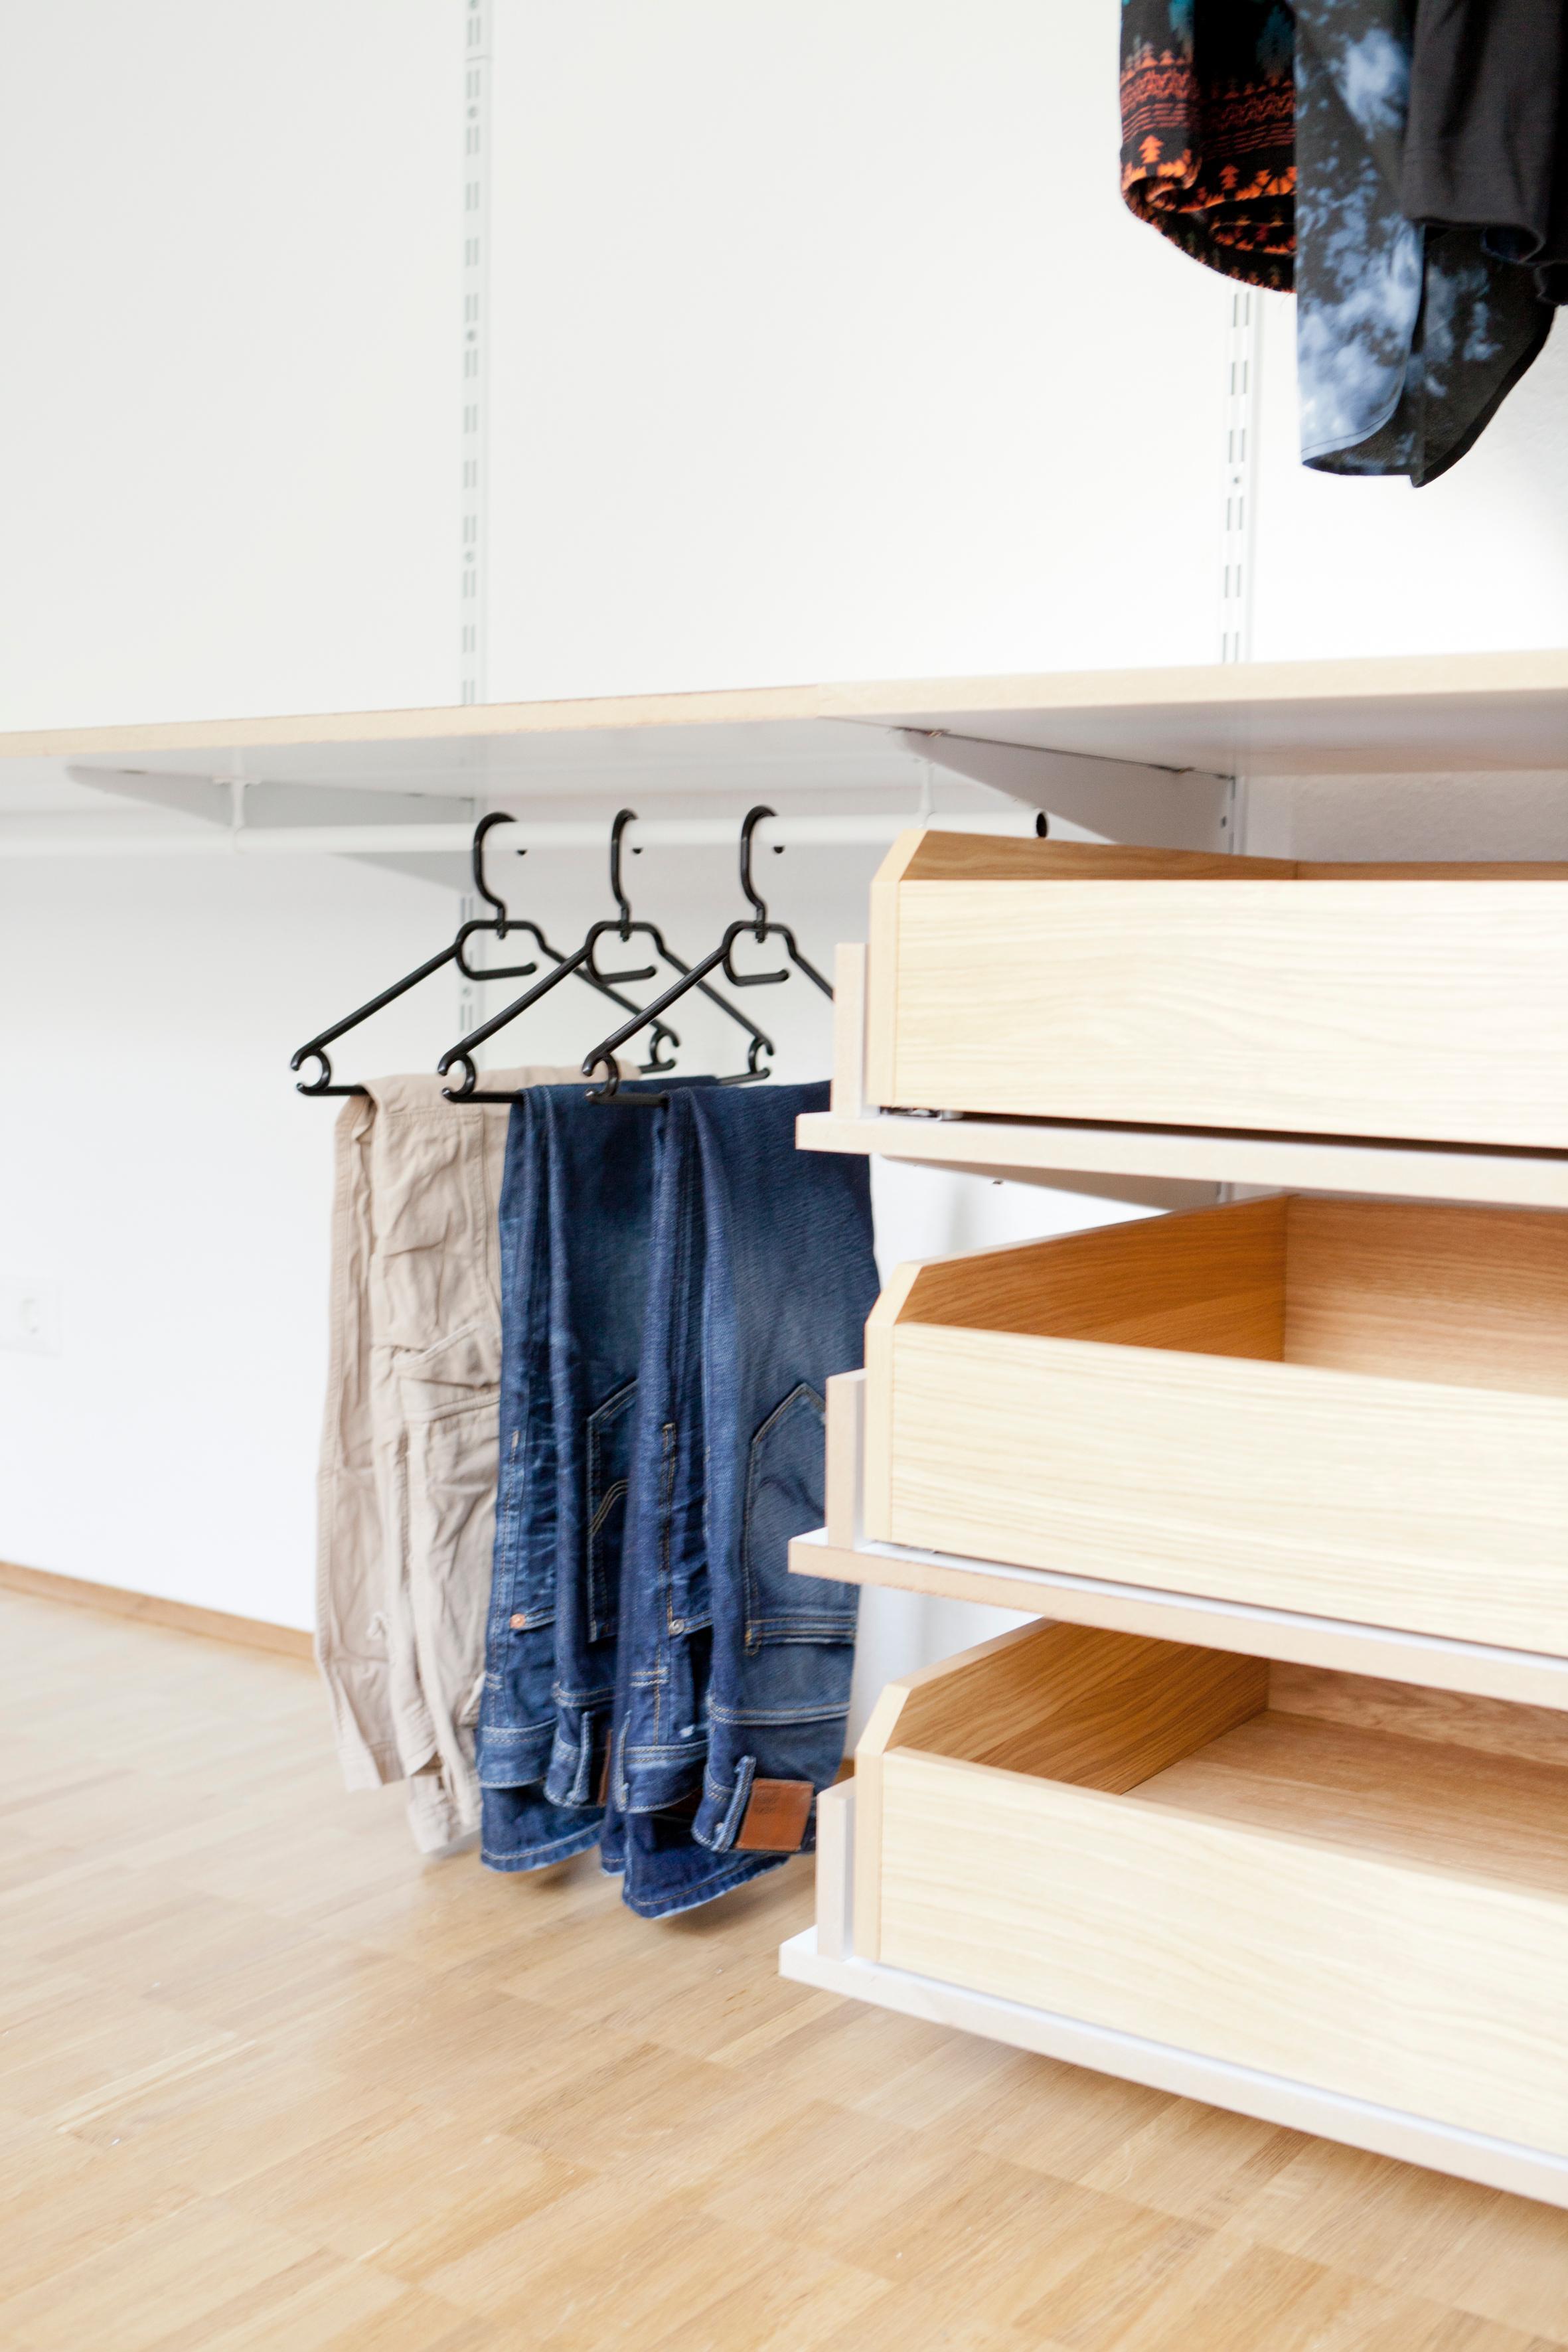 kleiderschrank offen system ee86 hitoiro. Black Bedroom Furniture Sets. Home Design Ideas